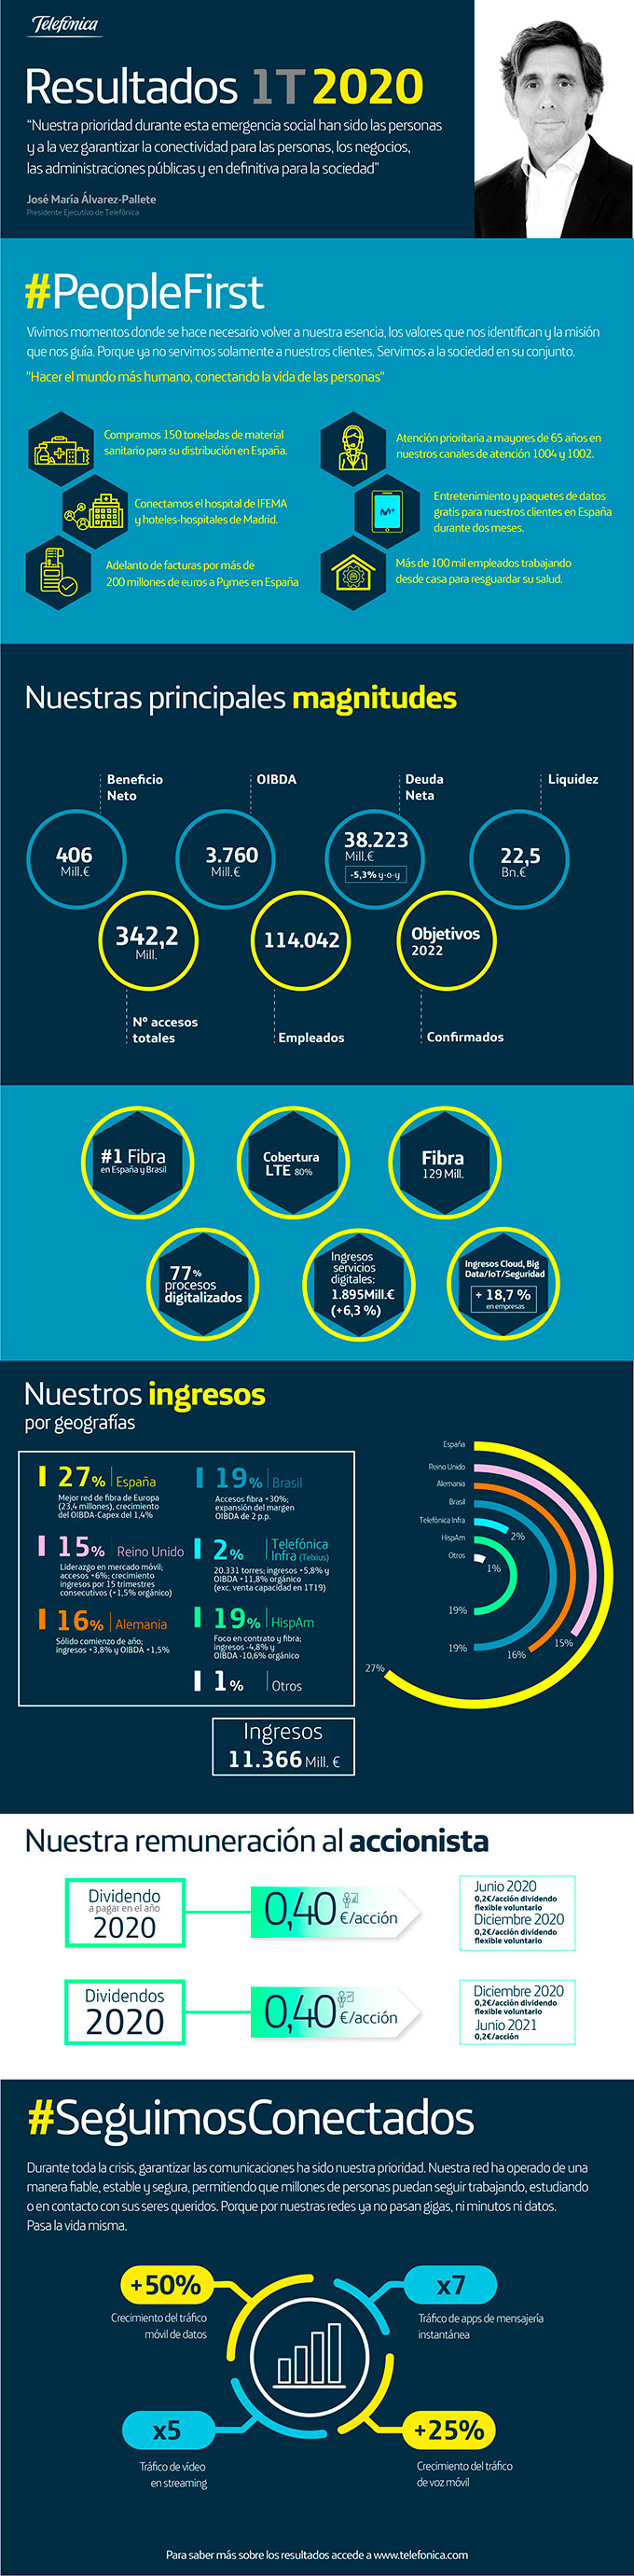 Infografía Resultados 1T 2020